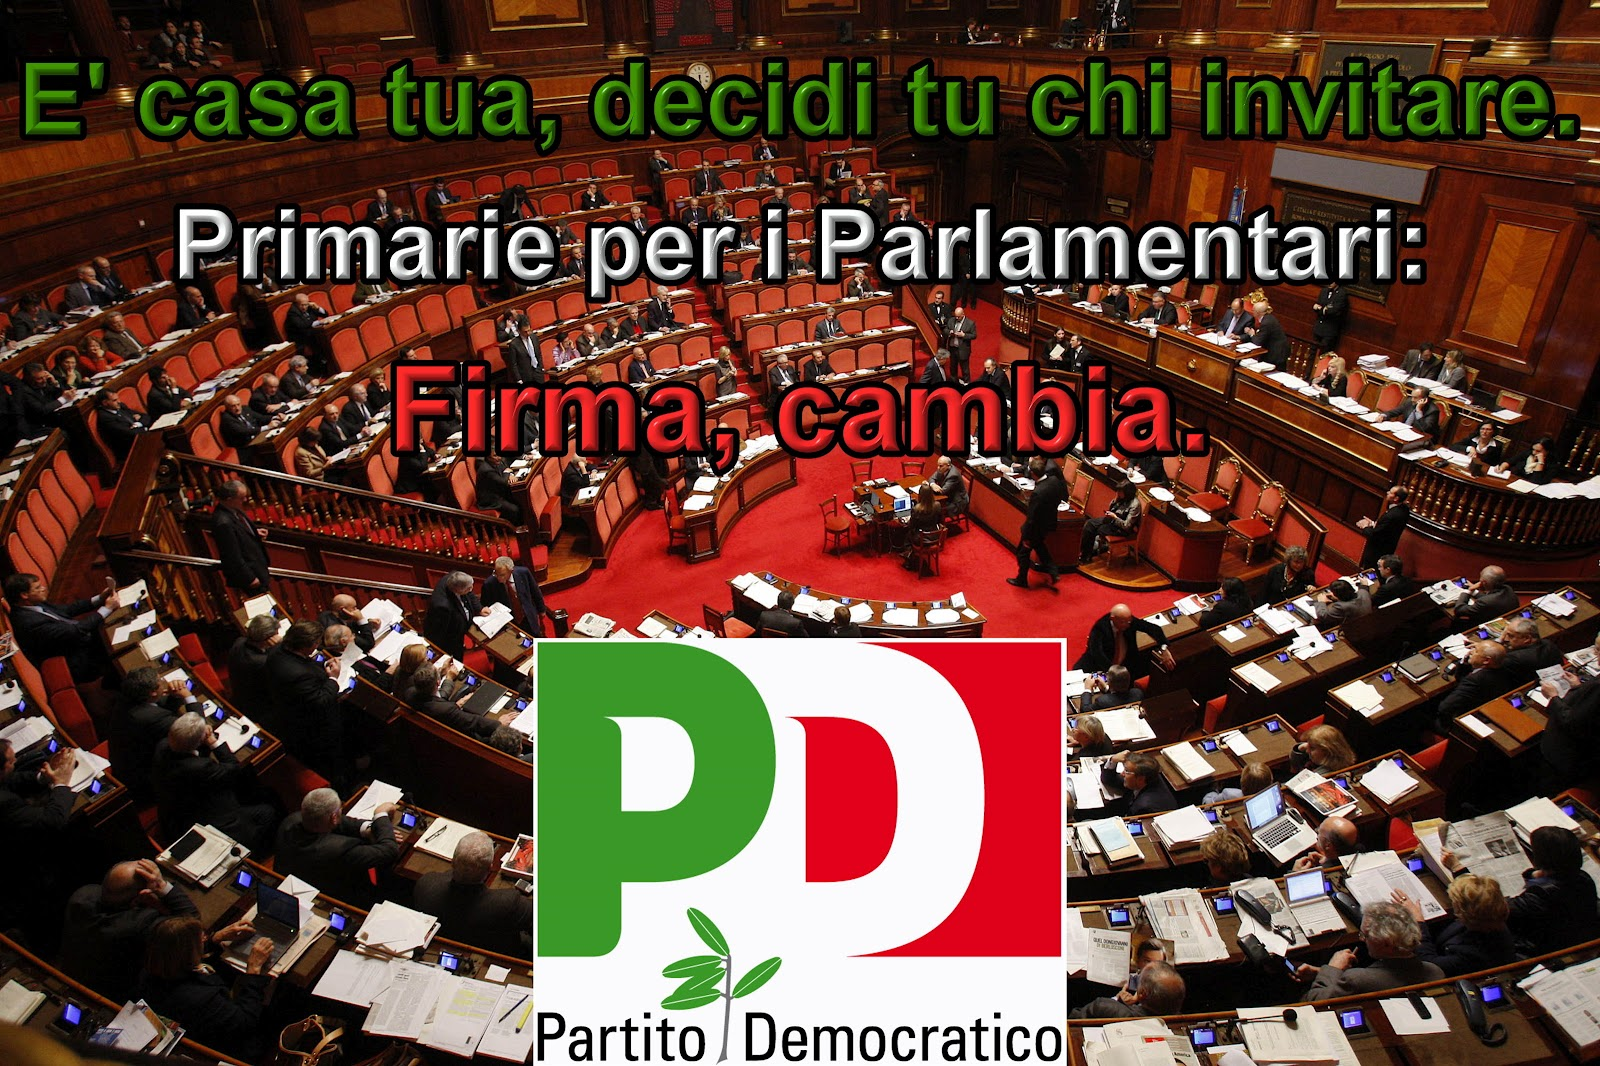 Primarie per i parlamentari si potevano fare meglio for Numero parlamentari pd